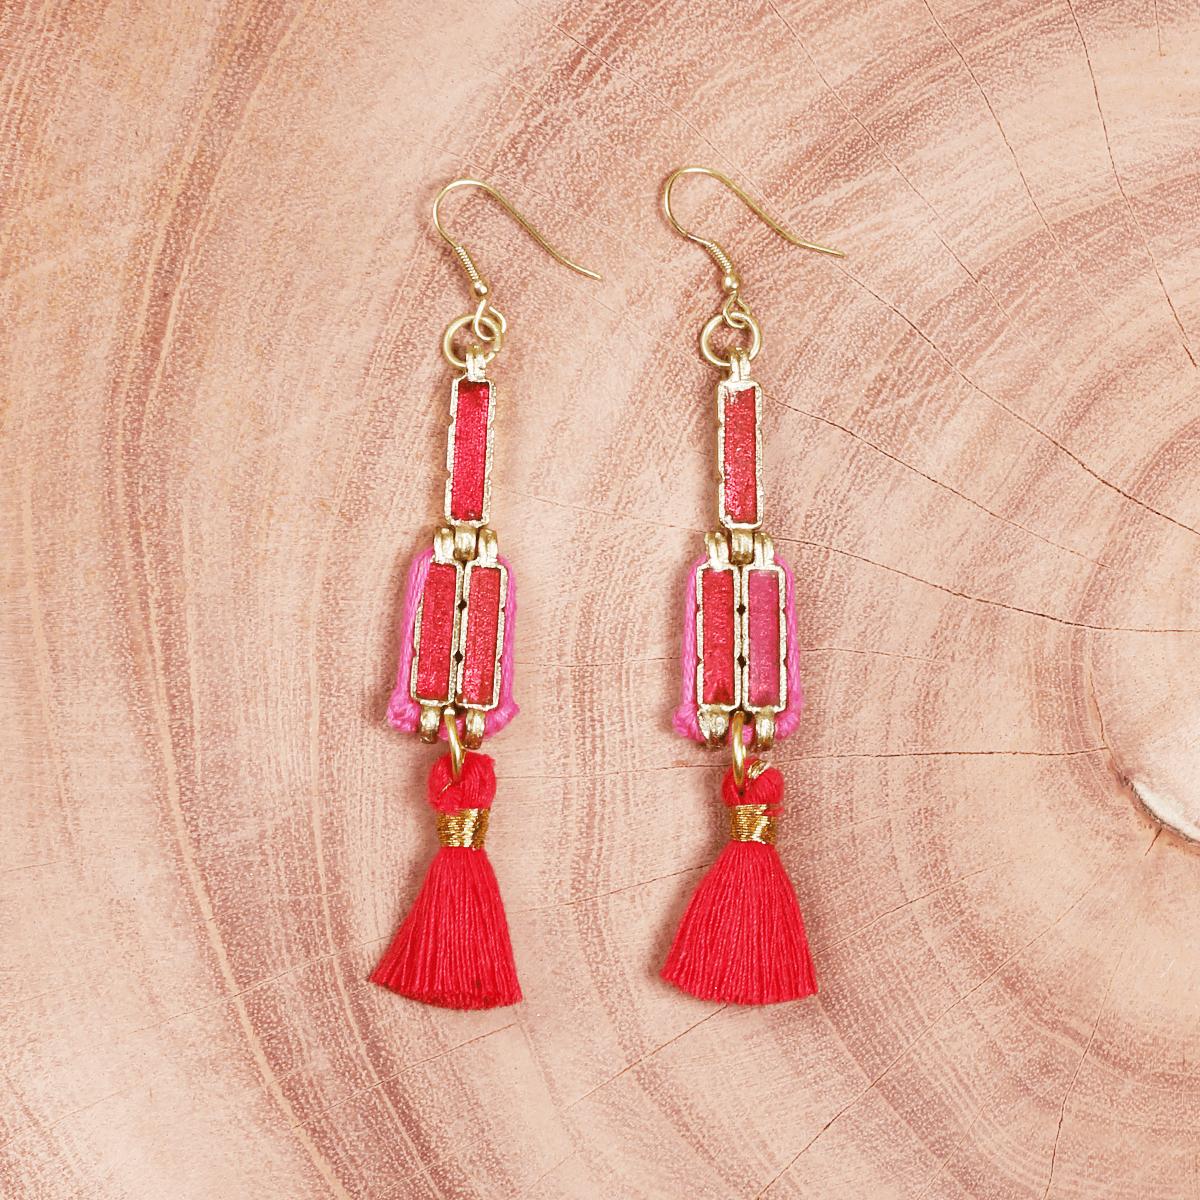 Red tassel and metal handmade earring